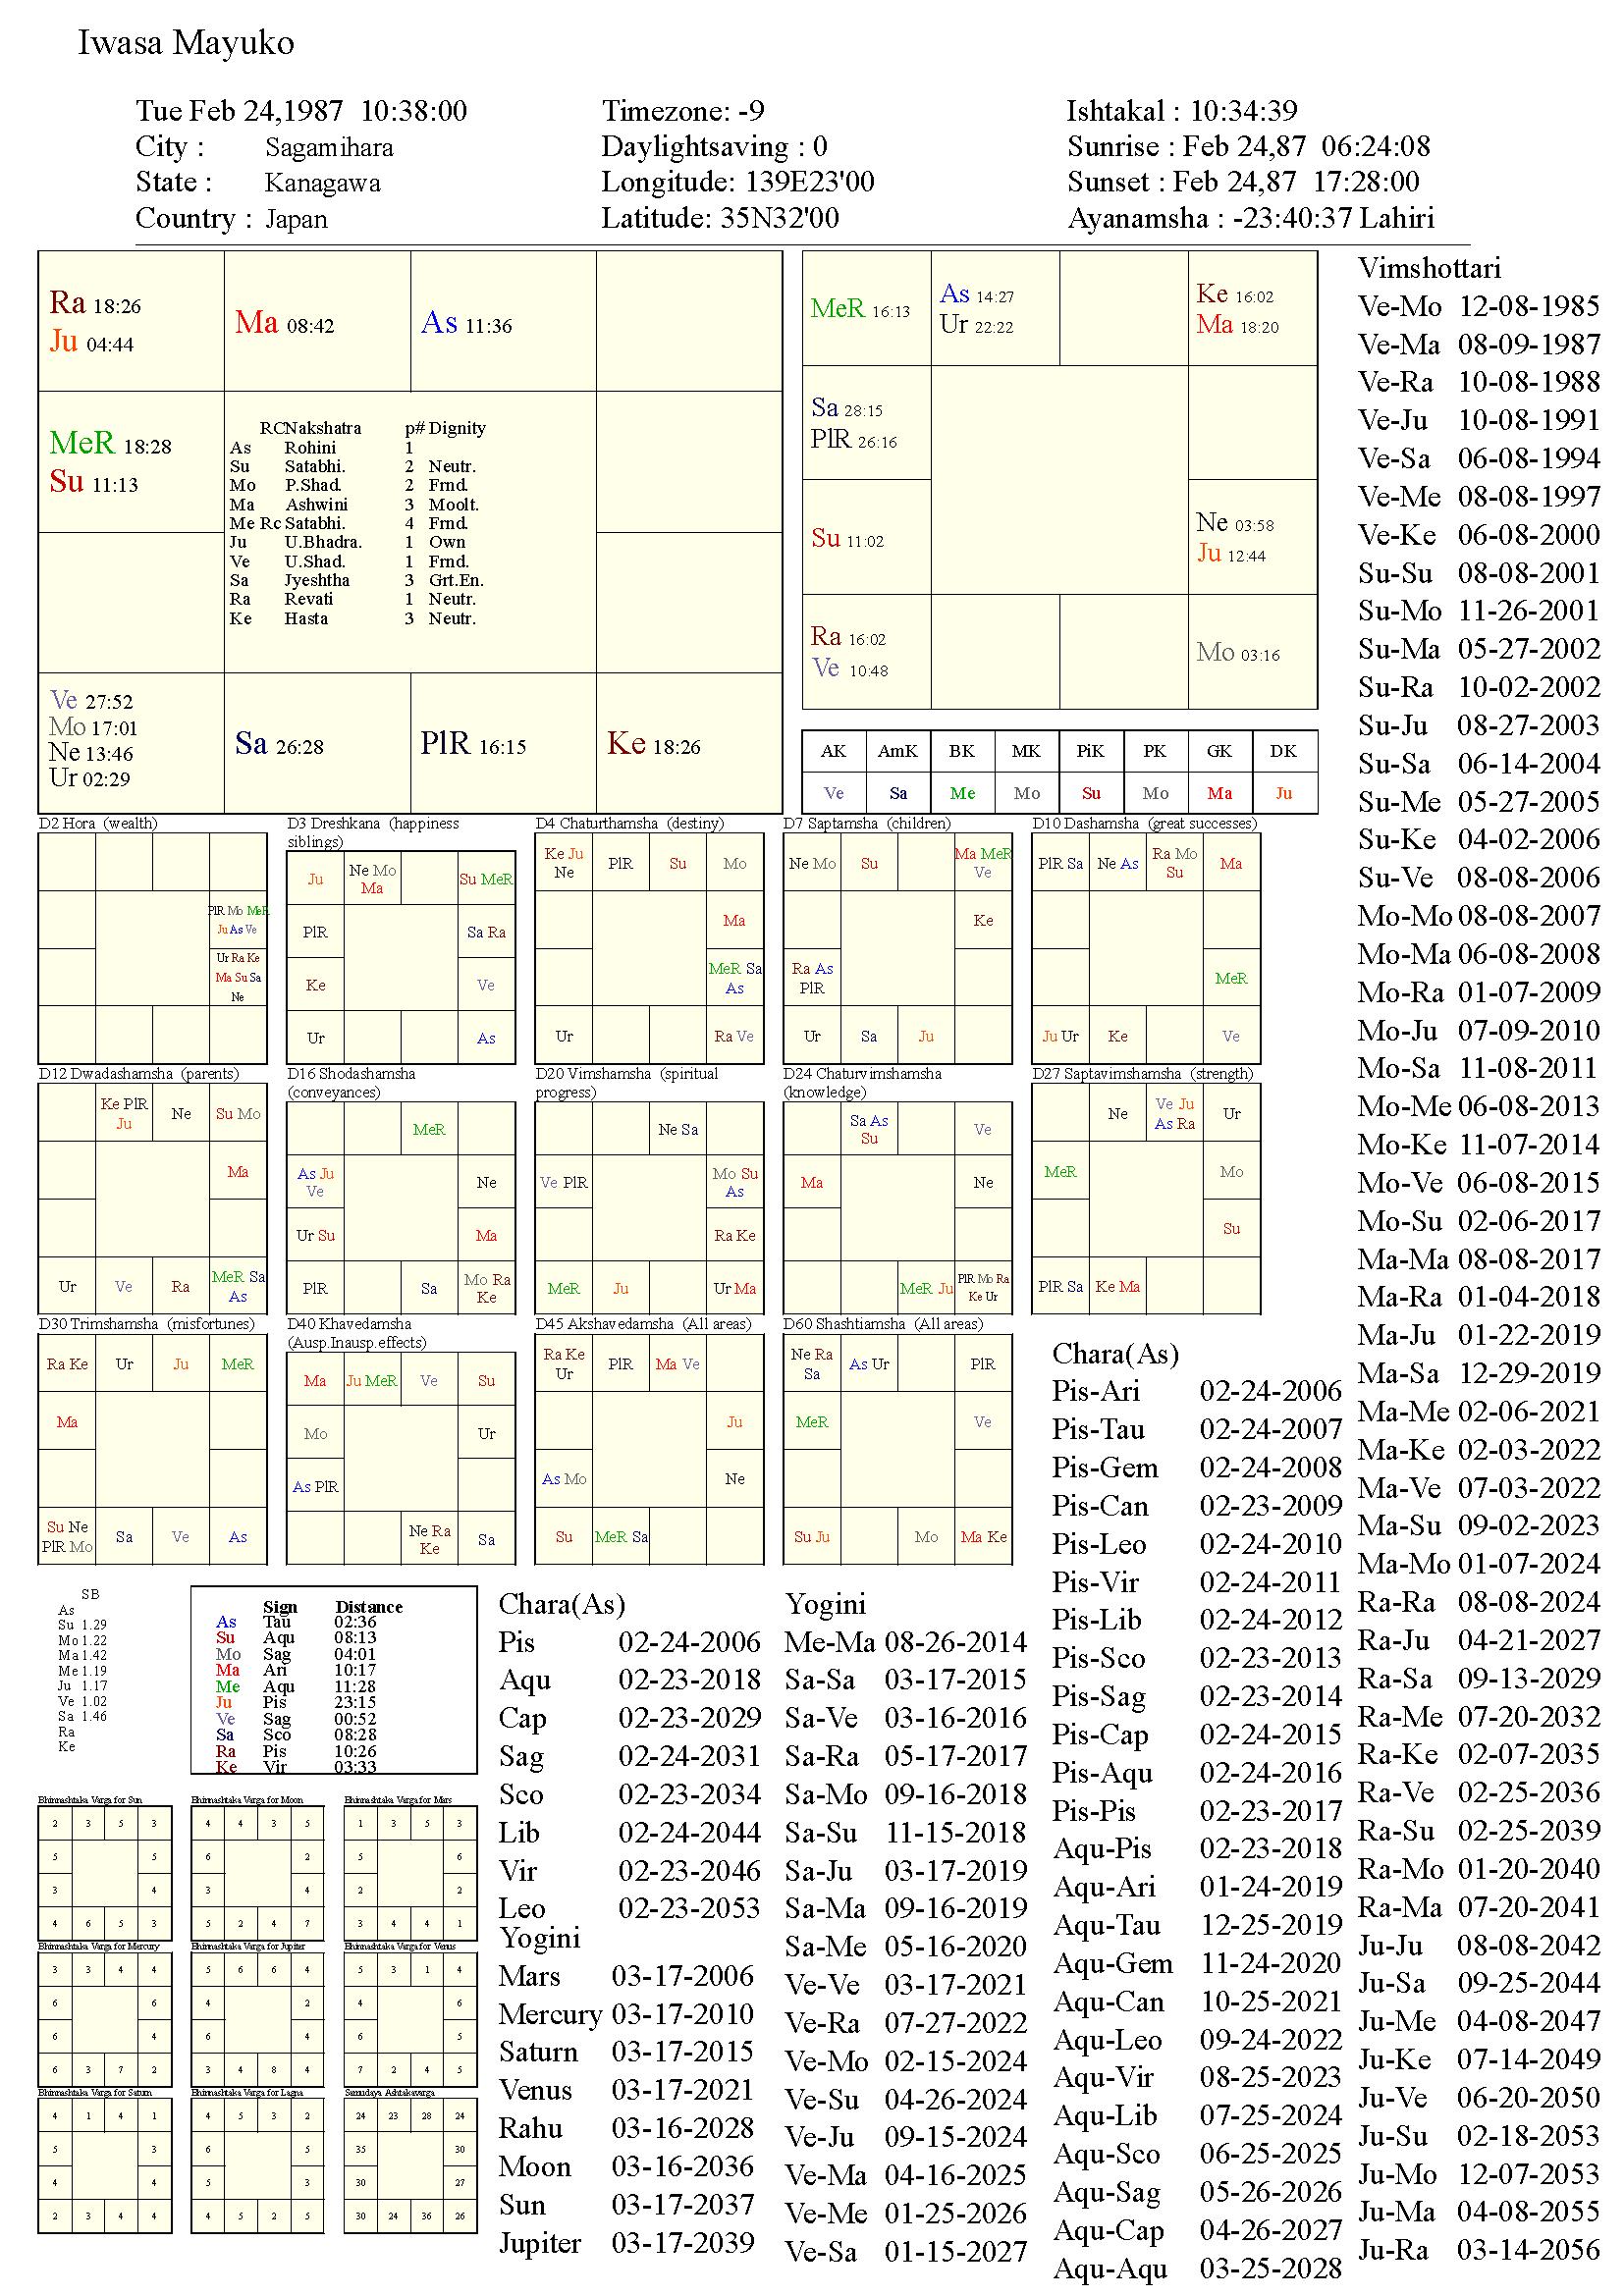 iwasamayuko_chart